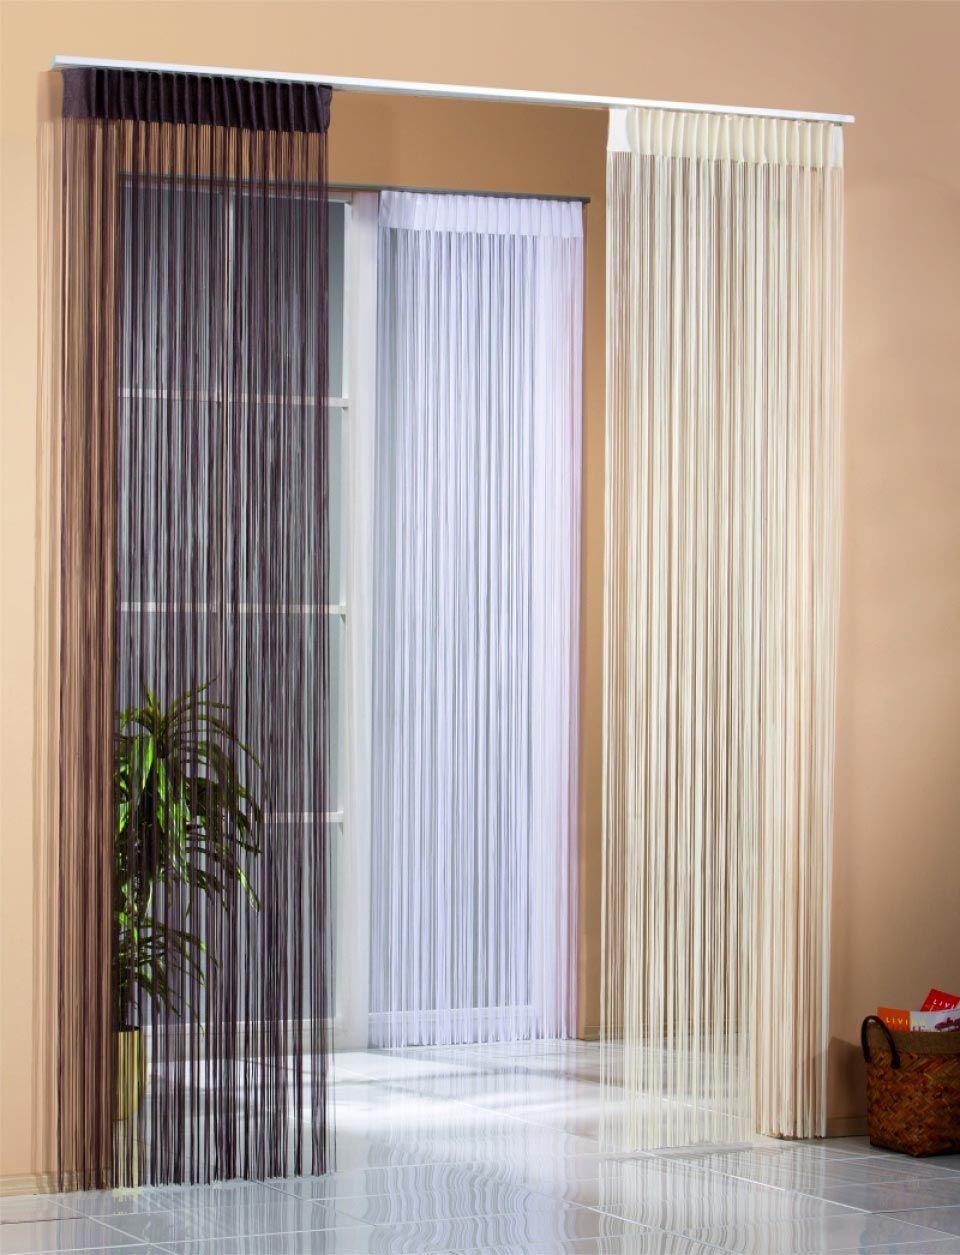 Как преобразить комнату при помощи штор? Топ 10 способов